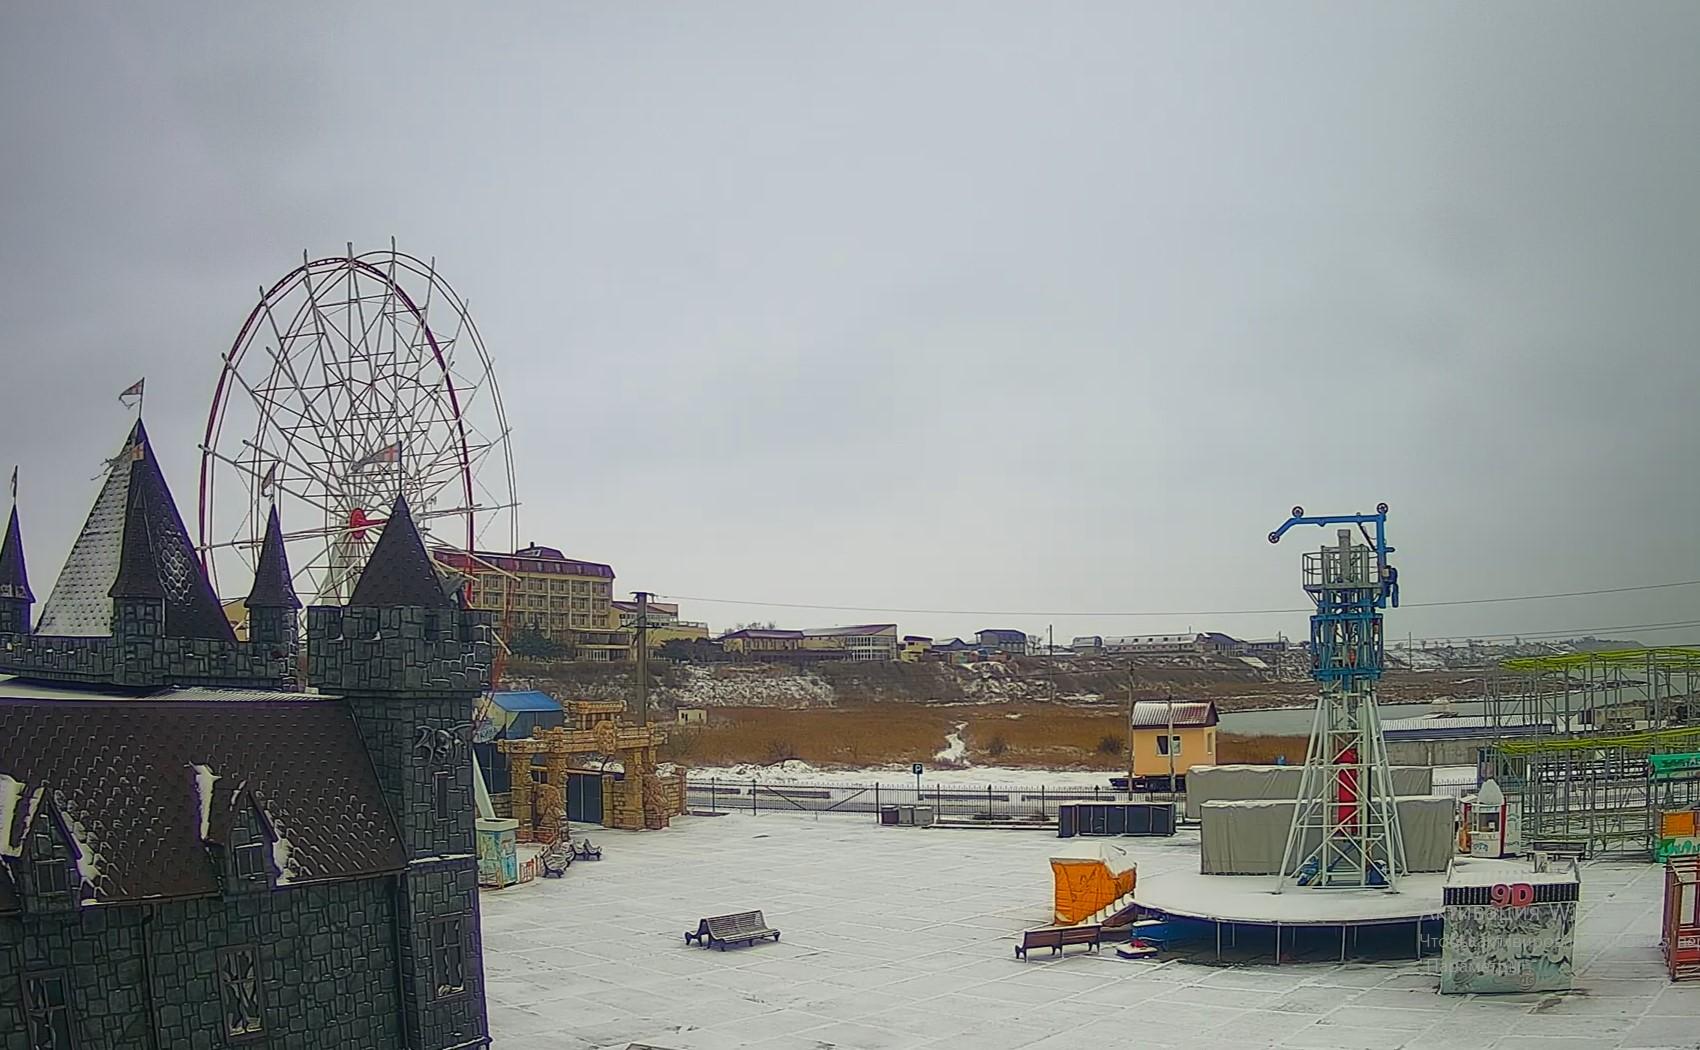 Кирилловка в снегу: в сети показали, что происходит на популярном запорожском курорте (ФОТО, ВИДЕО)